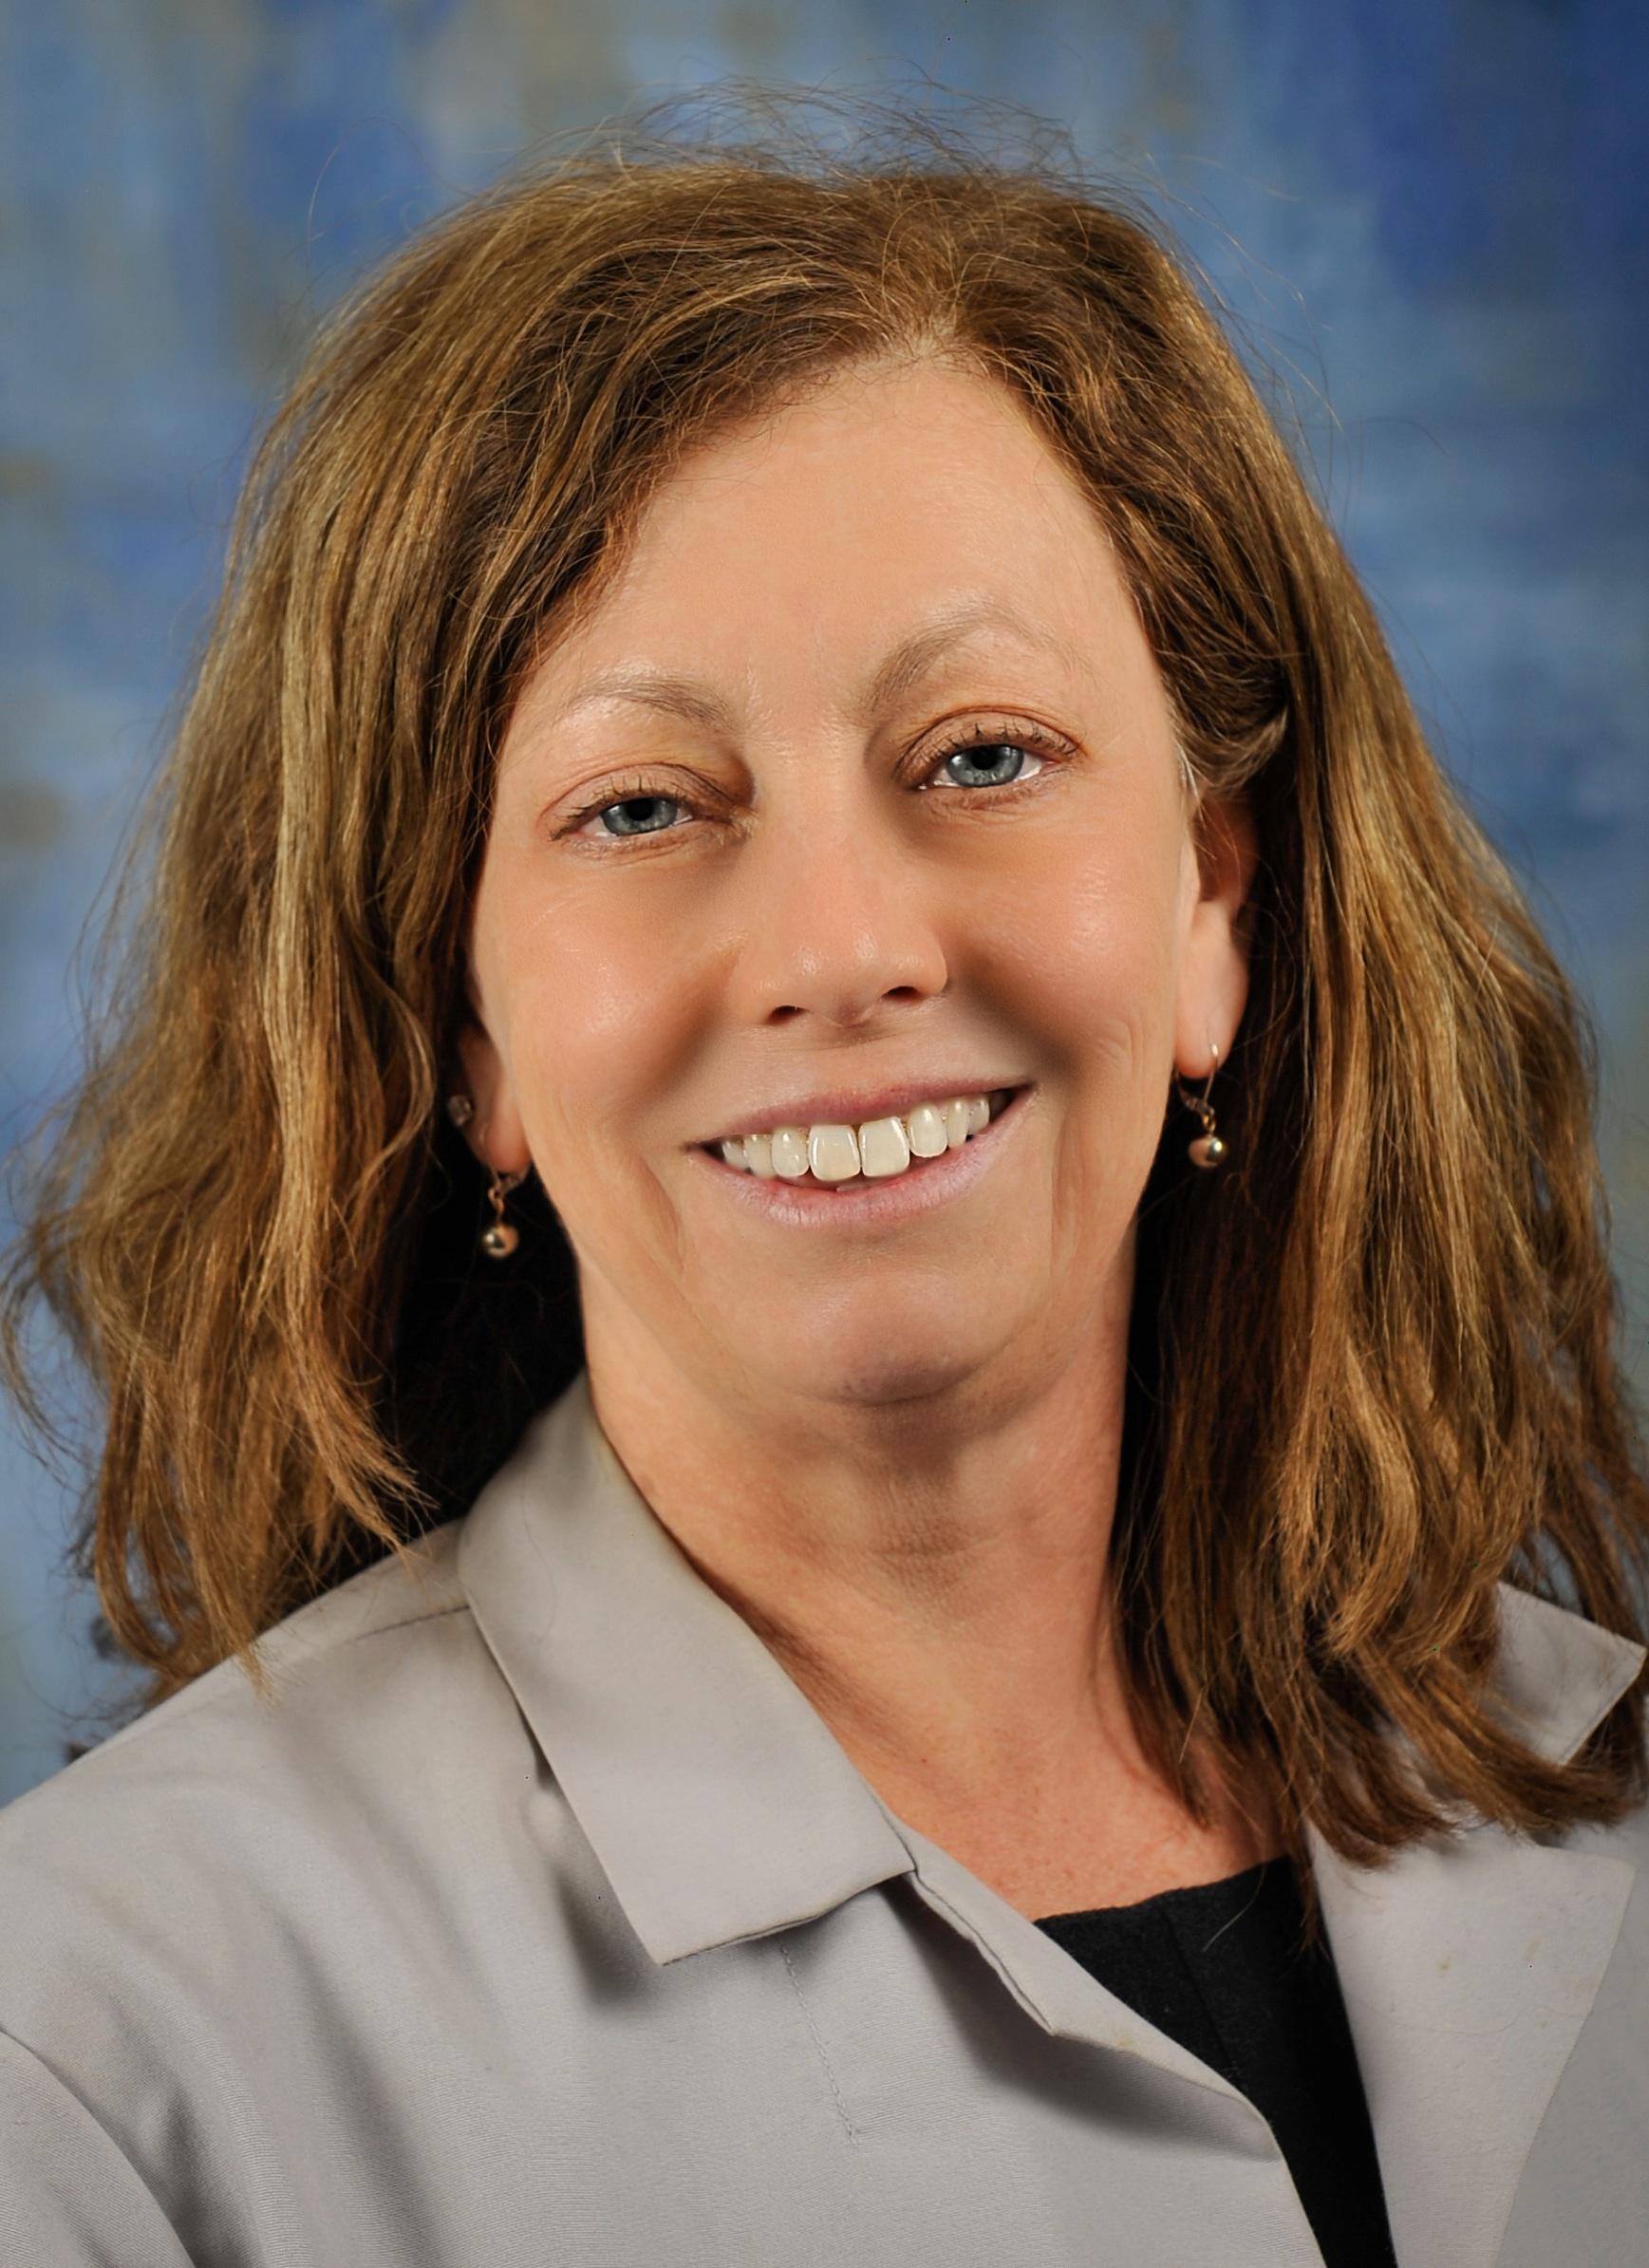 Michele A. Lorand, MD